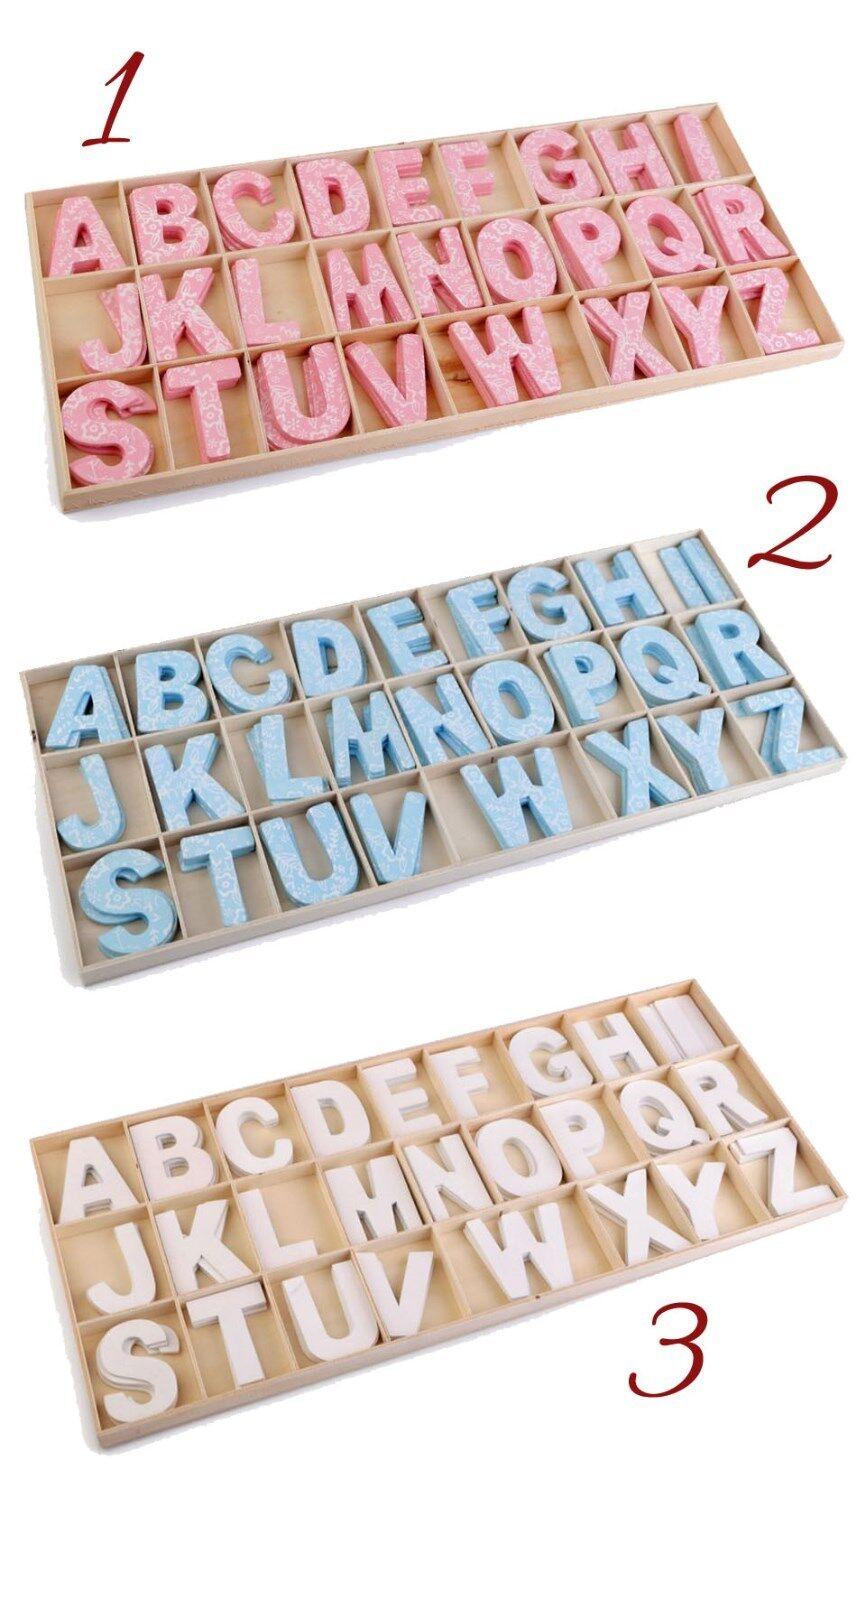 Kinderzimmer Holzbuchstaben Test Vergleich +++ Kinderzimmer ...